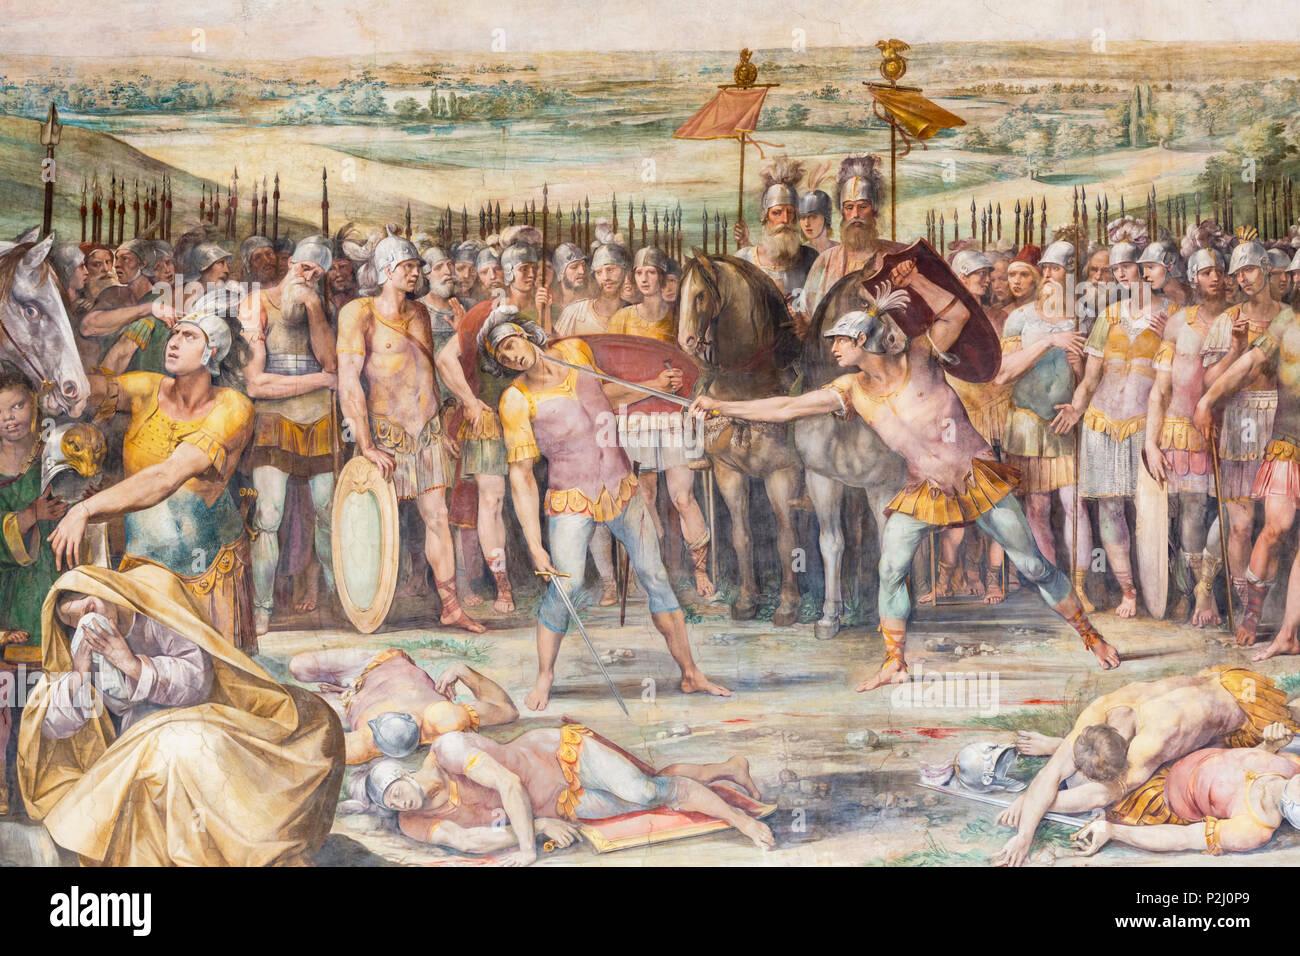 Rome, Italie. Le Musée du Capitole. Bataille entre Horaces et Curiaces, une fresque dans le Grand Hall, également connu sous le nom de l'Iceman et Curatii Prix. Pa Photo Stock